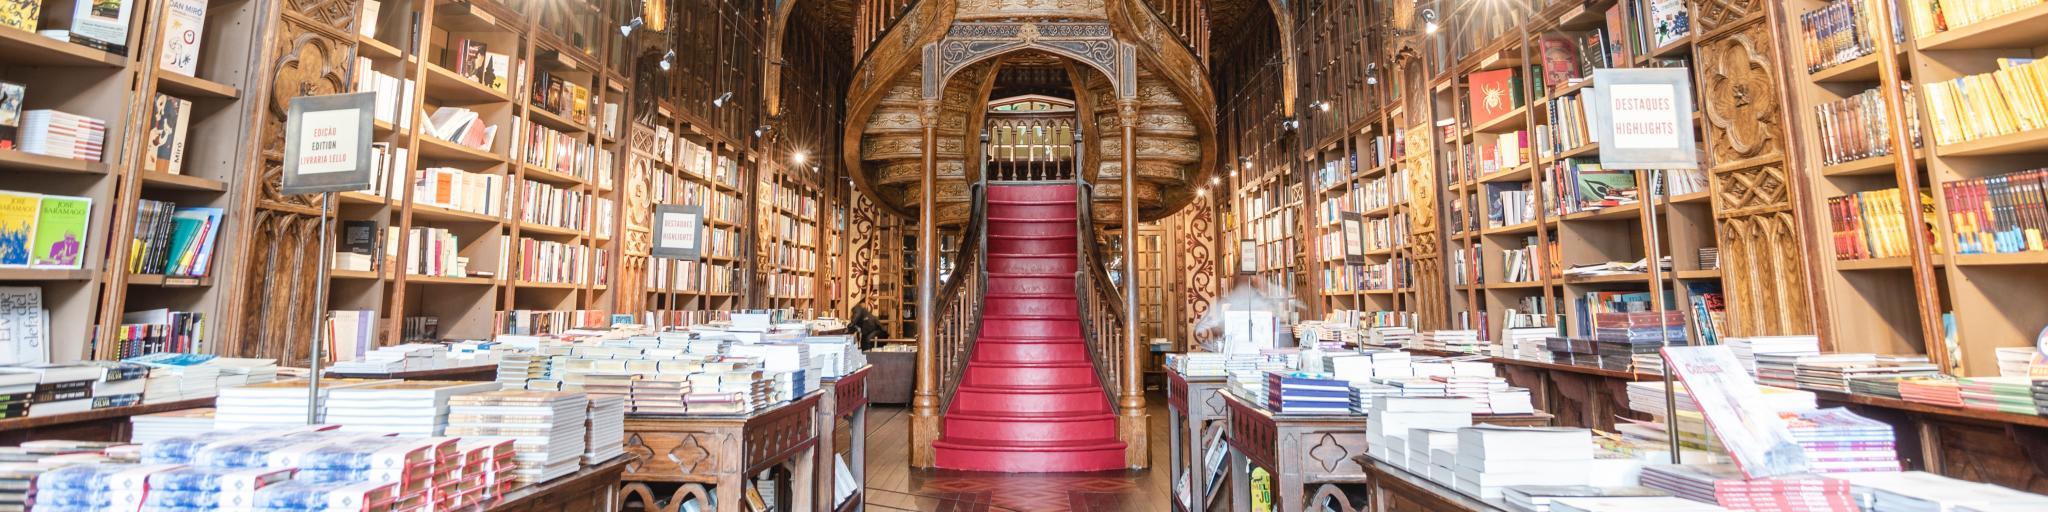 The magical staircase and ornate woodwork of Livreria Lello bookstore in Porto